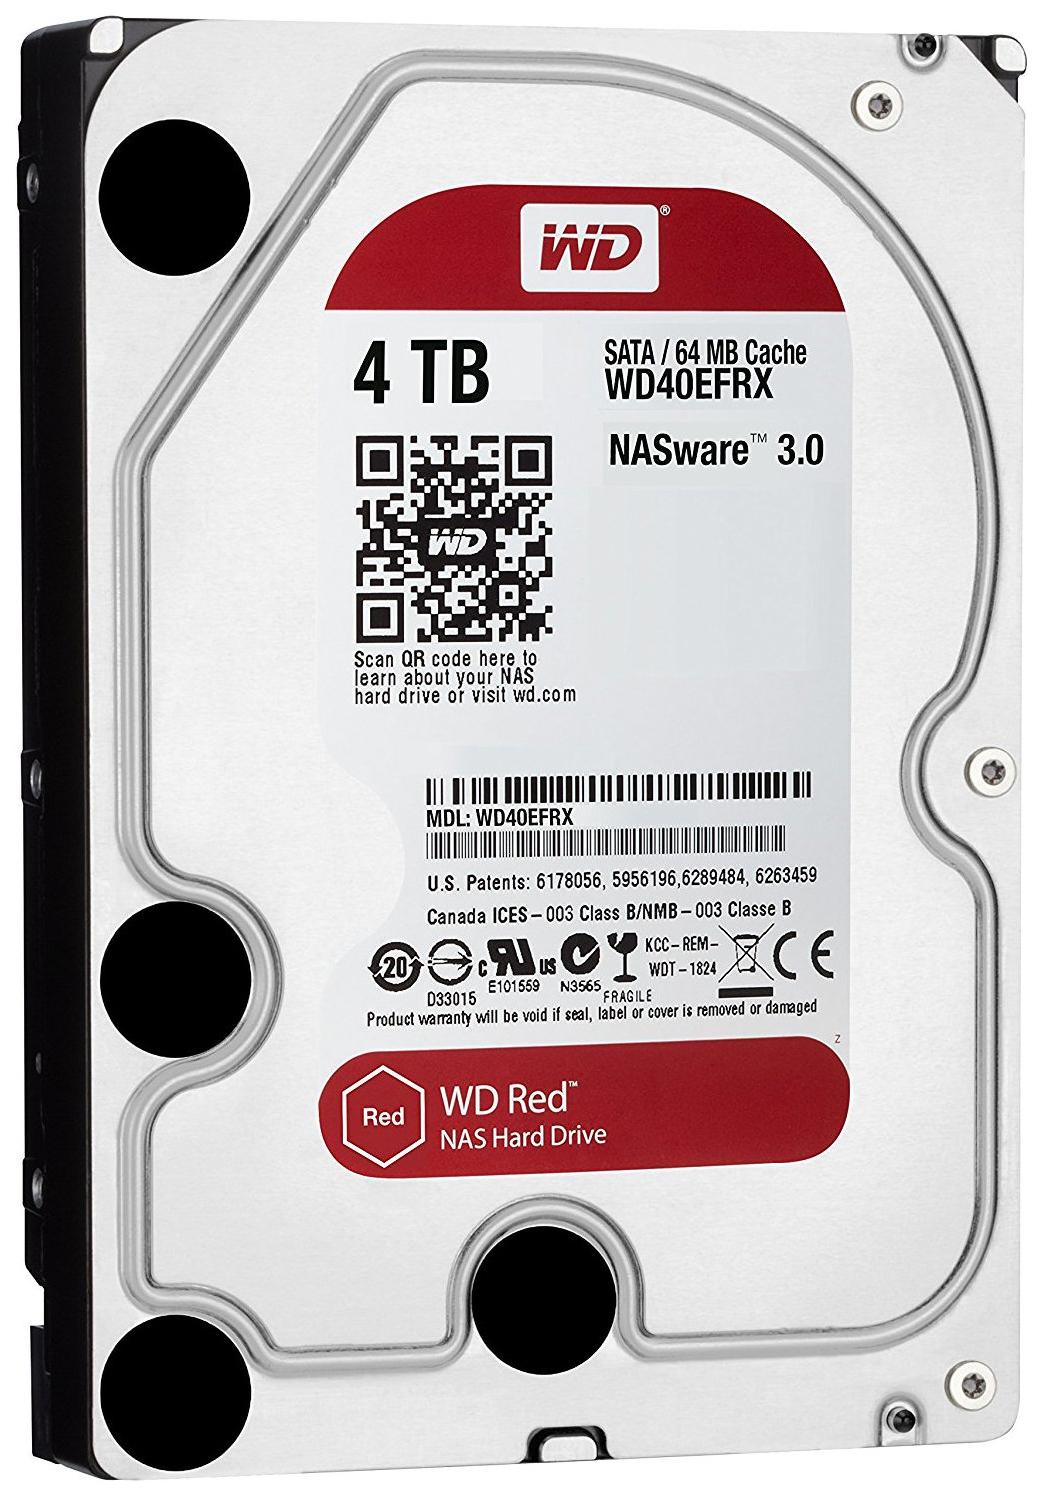 Внутренний жесткий диск Western Digital Red 4TB (WD40EFRX), купить в Москве, цены в интернет-магазинах на goods.ru